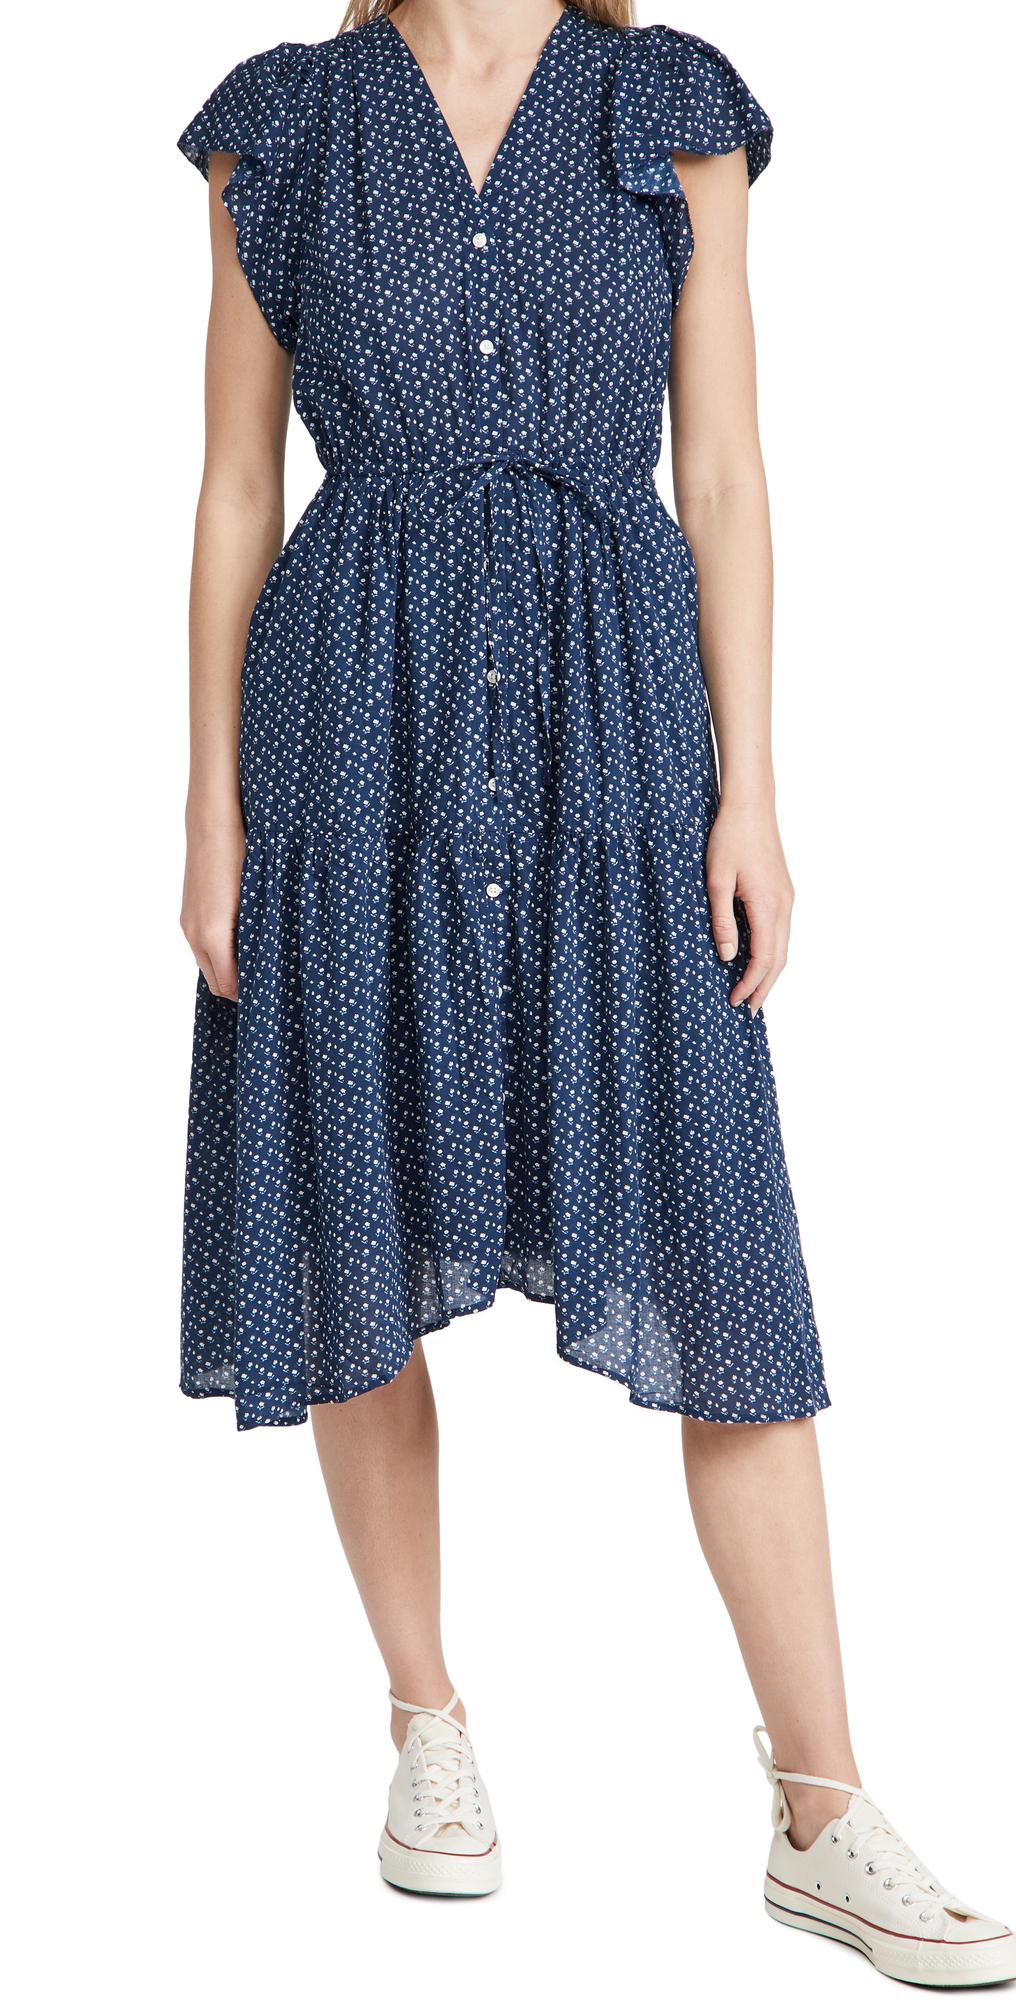 Kristi Dress